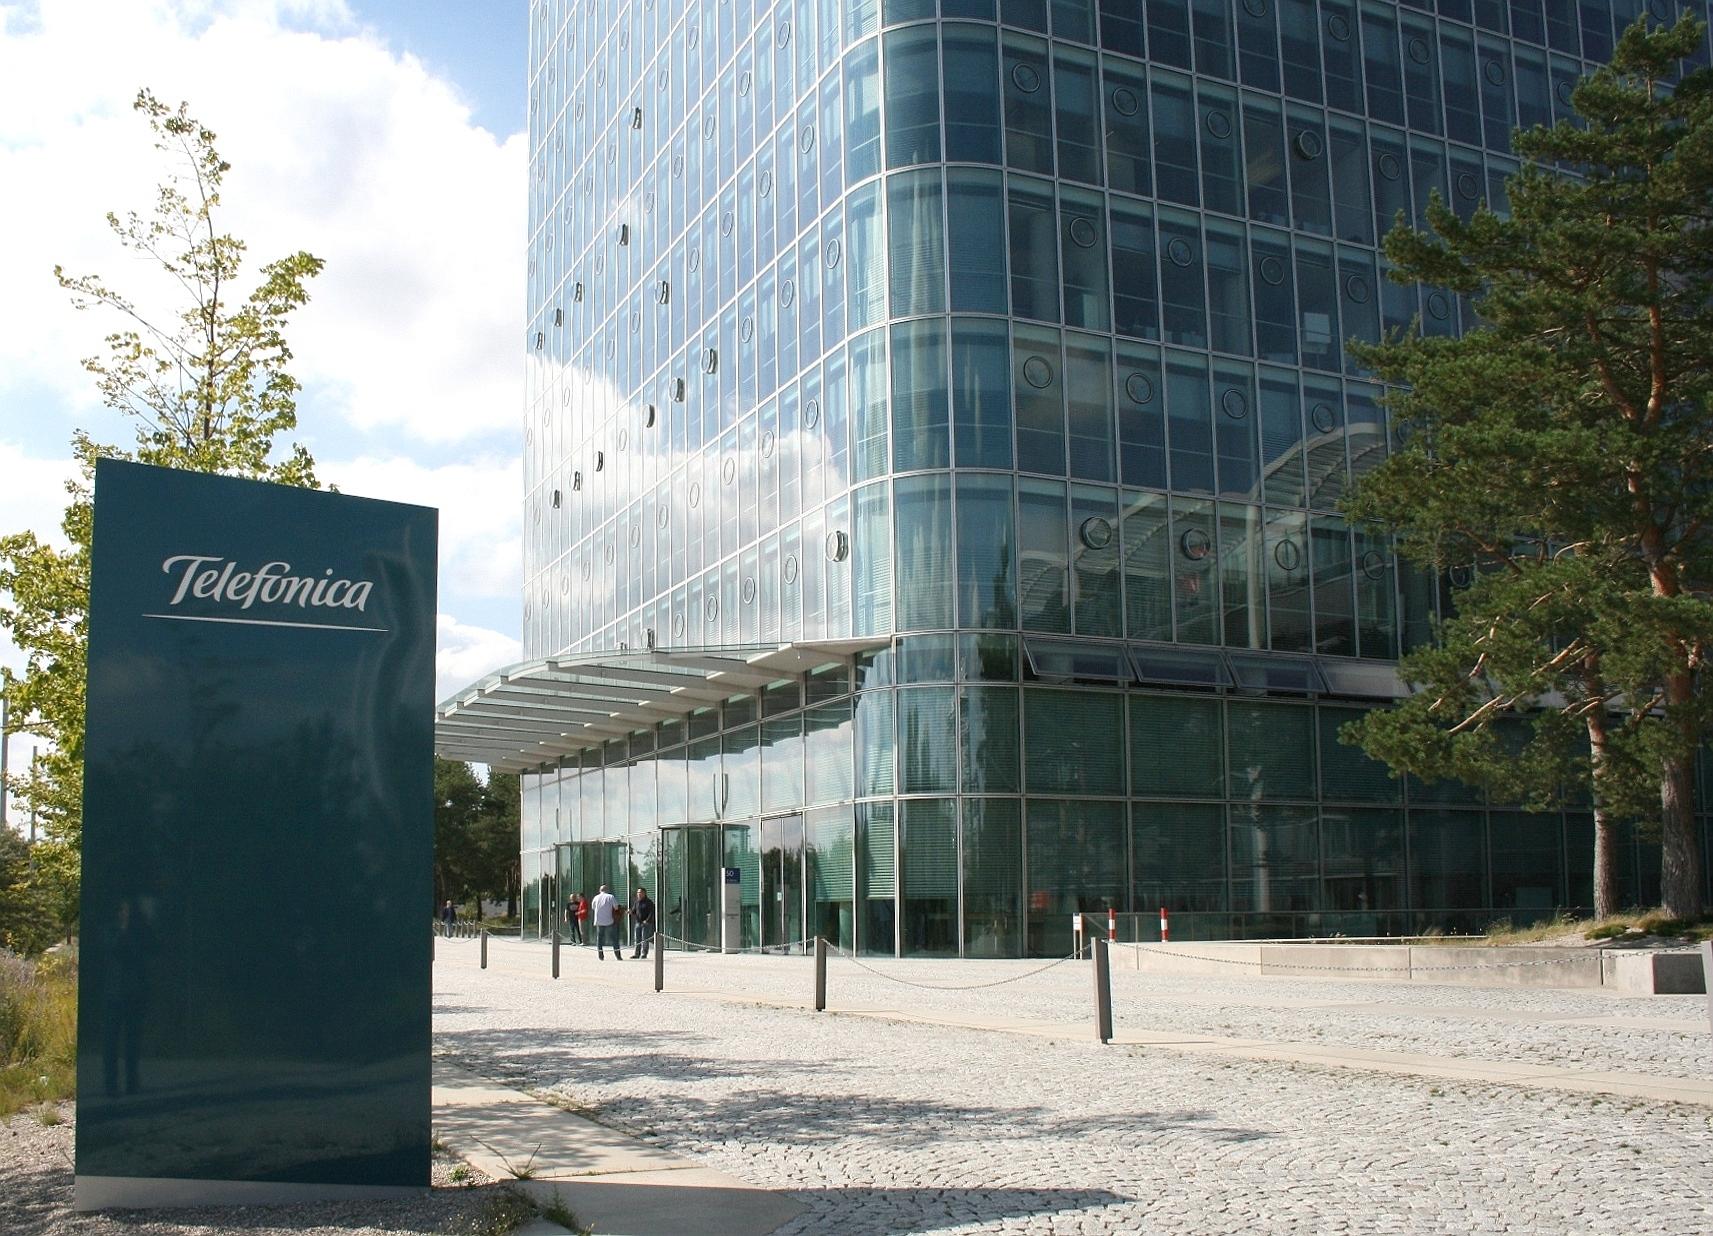 Telefonica-Germany-Zentrale-Muenchen-72dpi